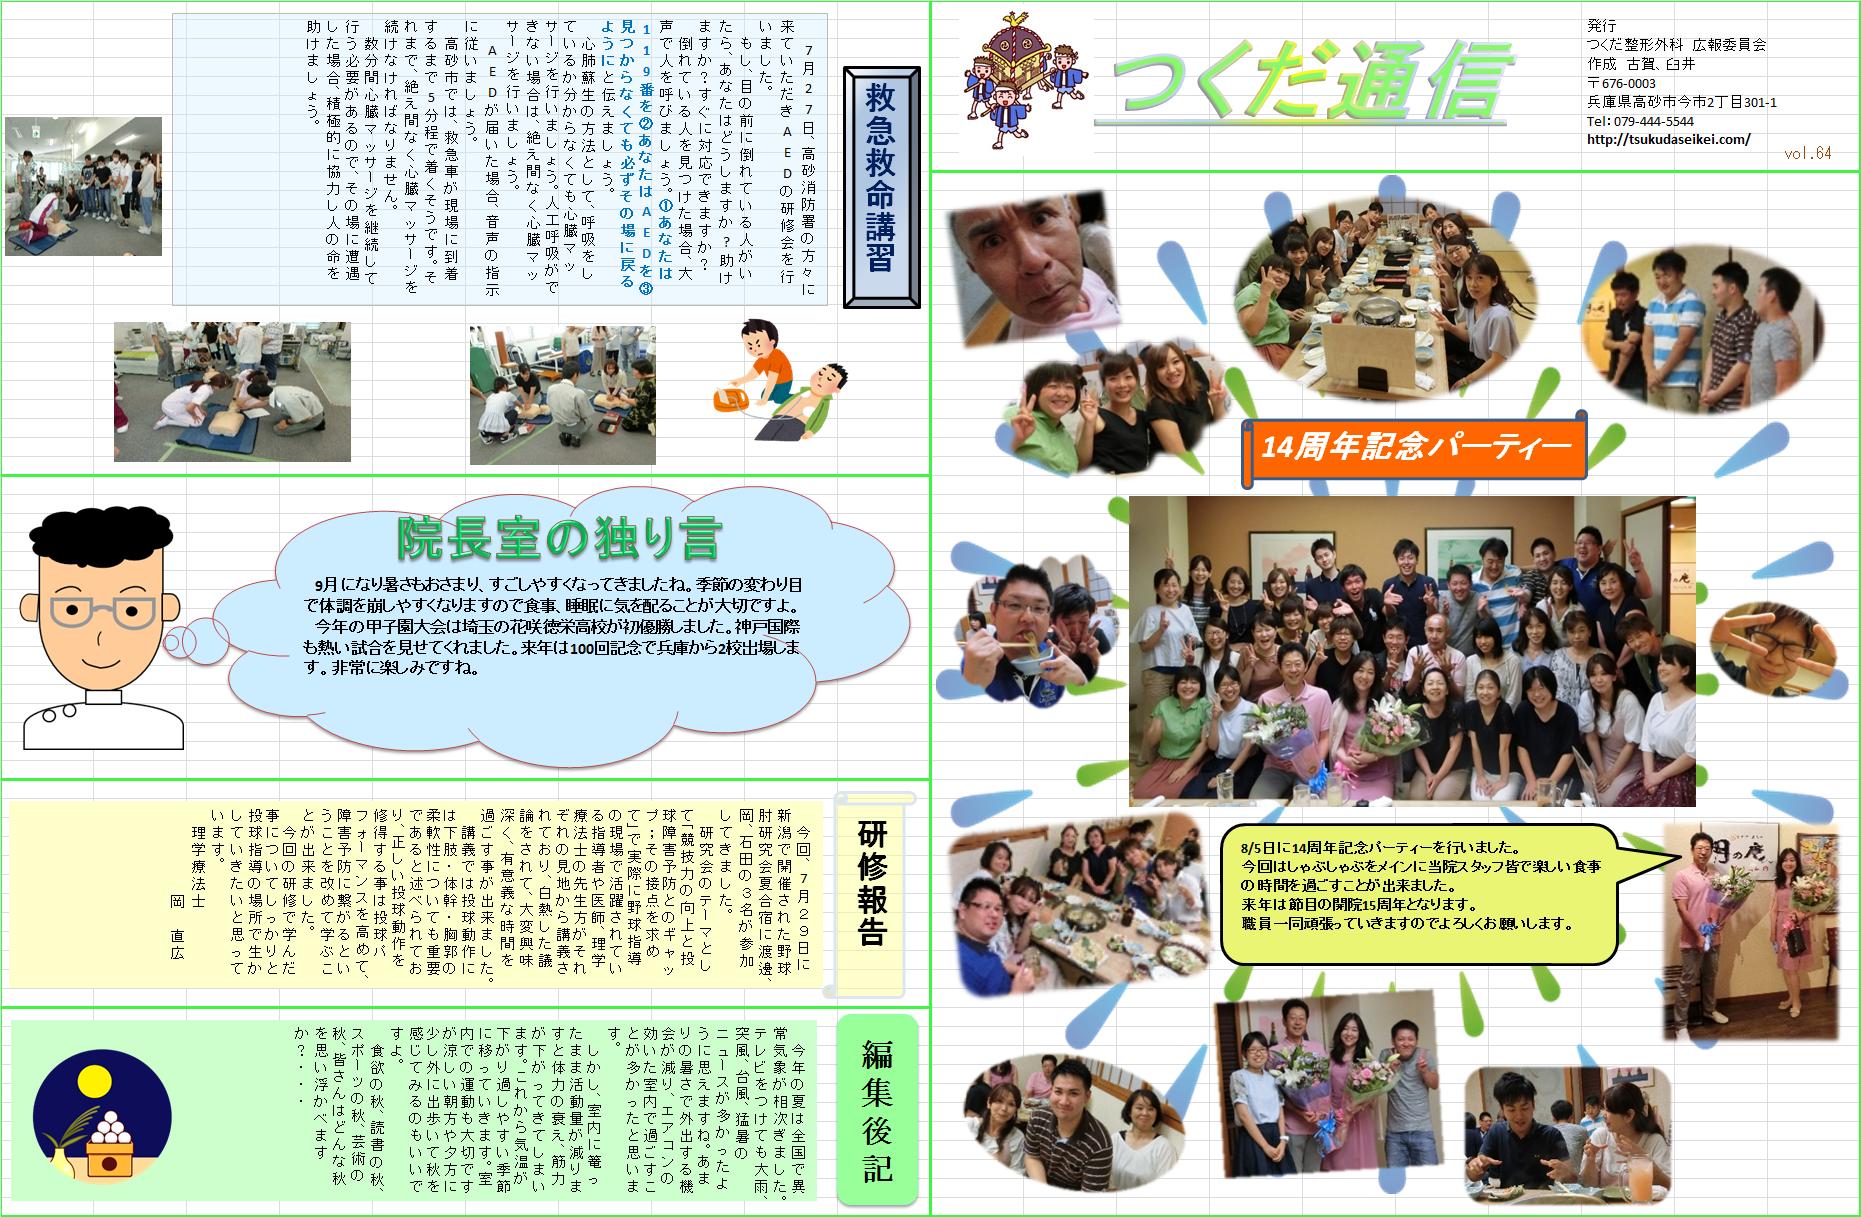 http://www.tsukudaseikei.com/news/%E3%81%A4%E3%81%8F%E3%81%A0%E9%80%9A%E4%BF%A1%E3%80%8064%E5%8F%B7.png